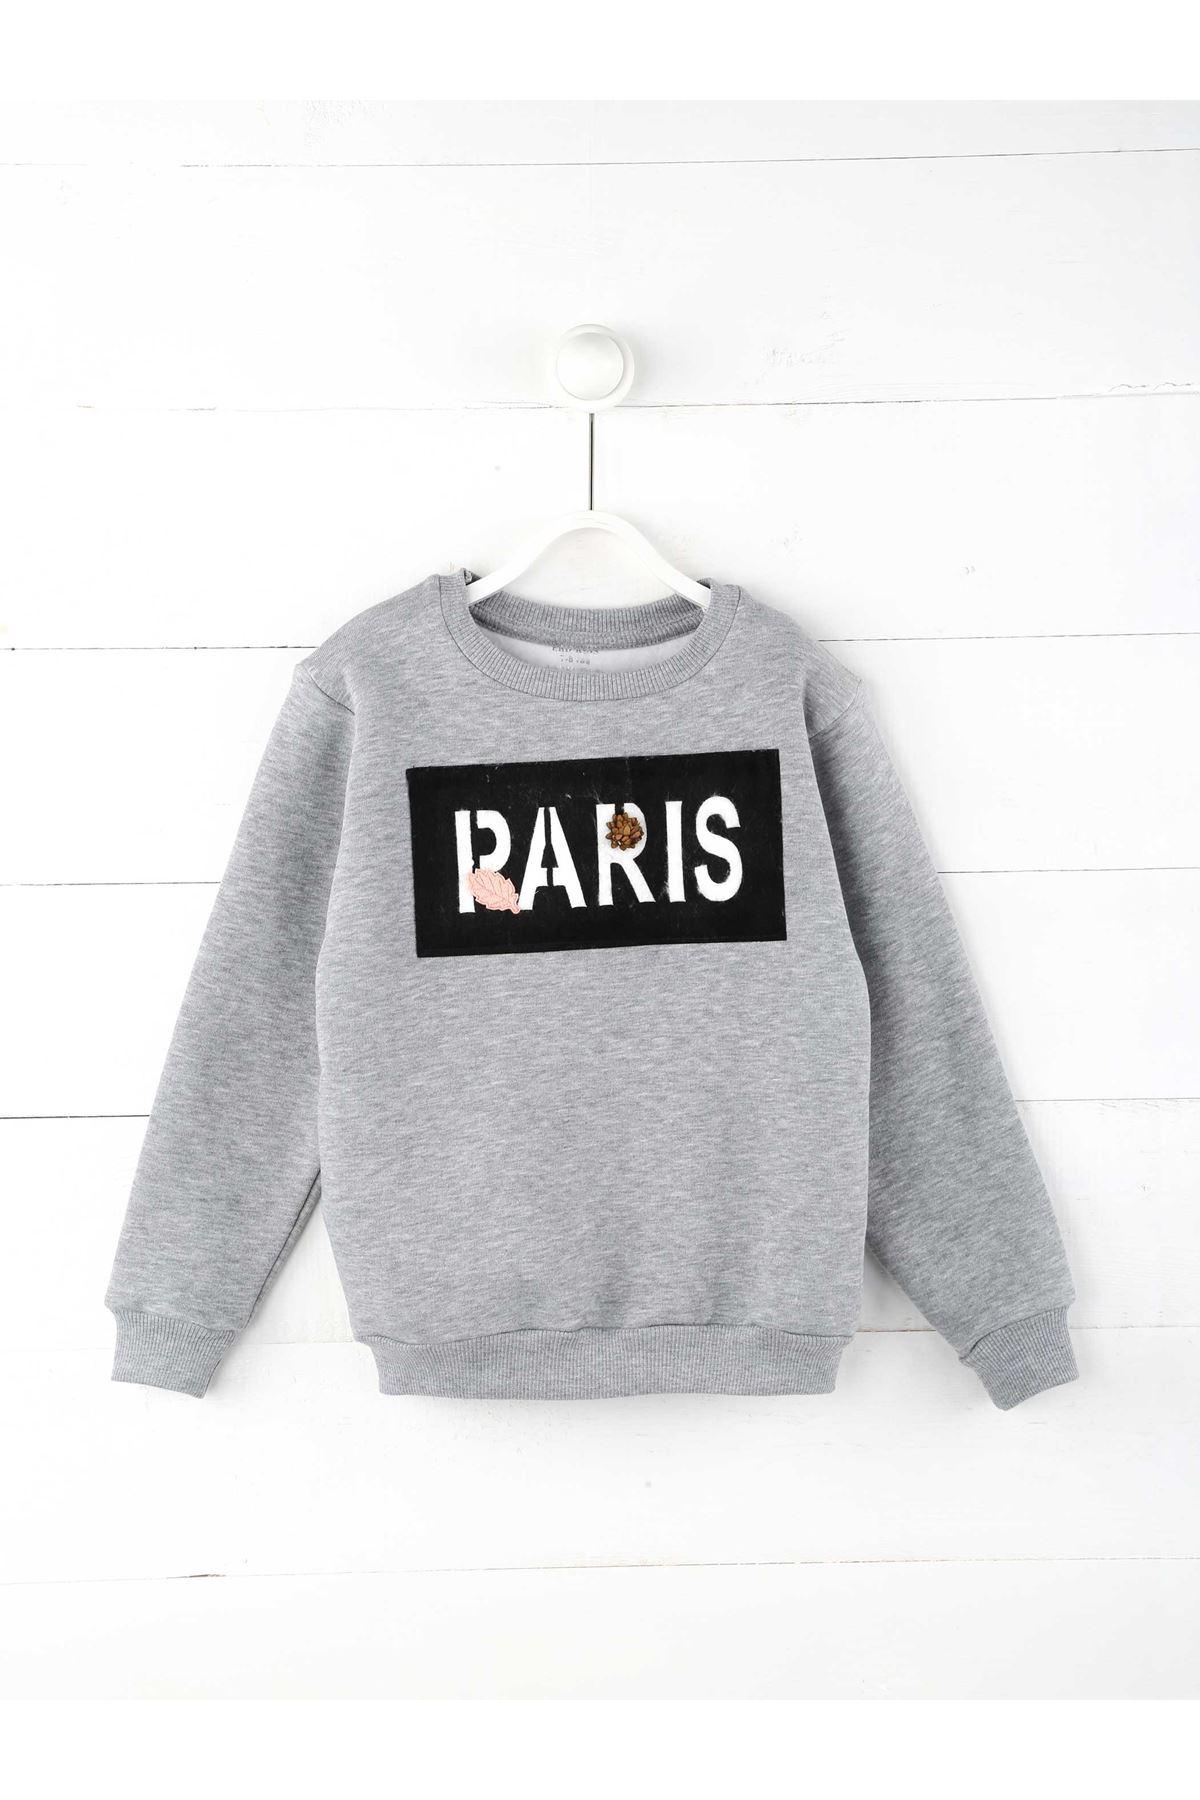 Gri Kışlık Kız Çocuk Sweatshirt